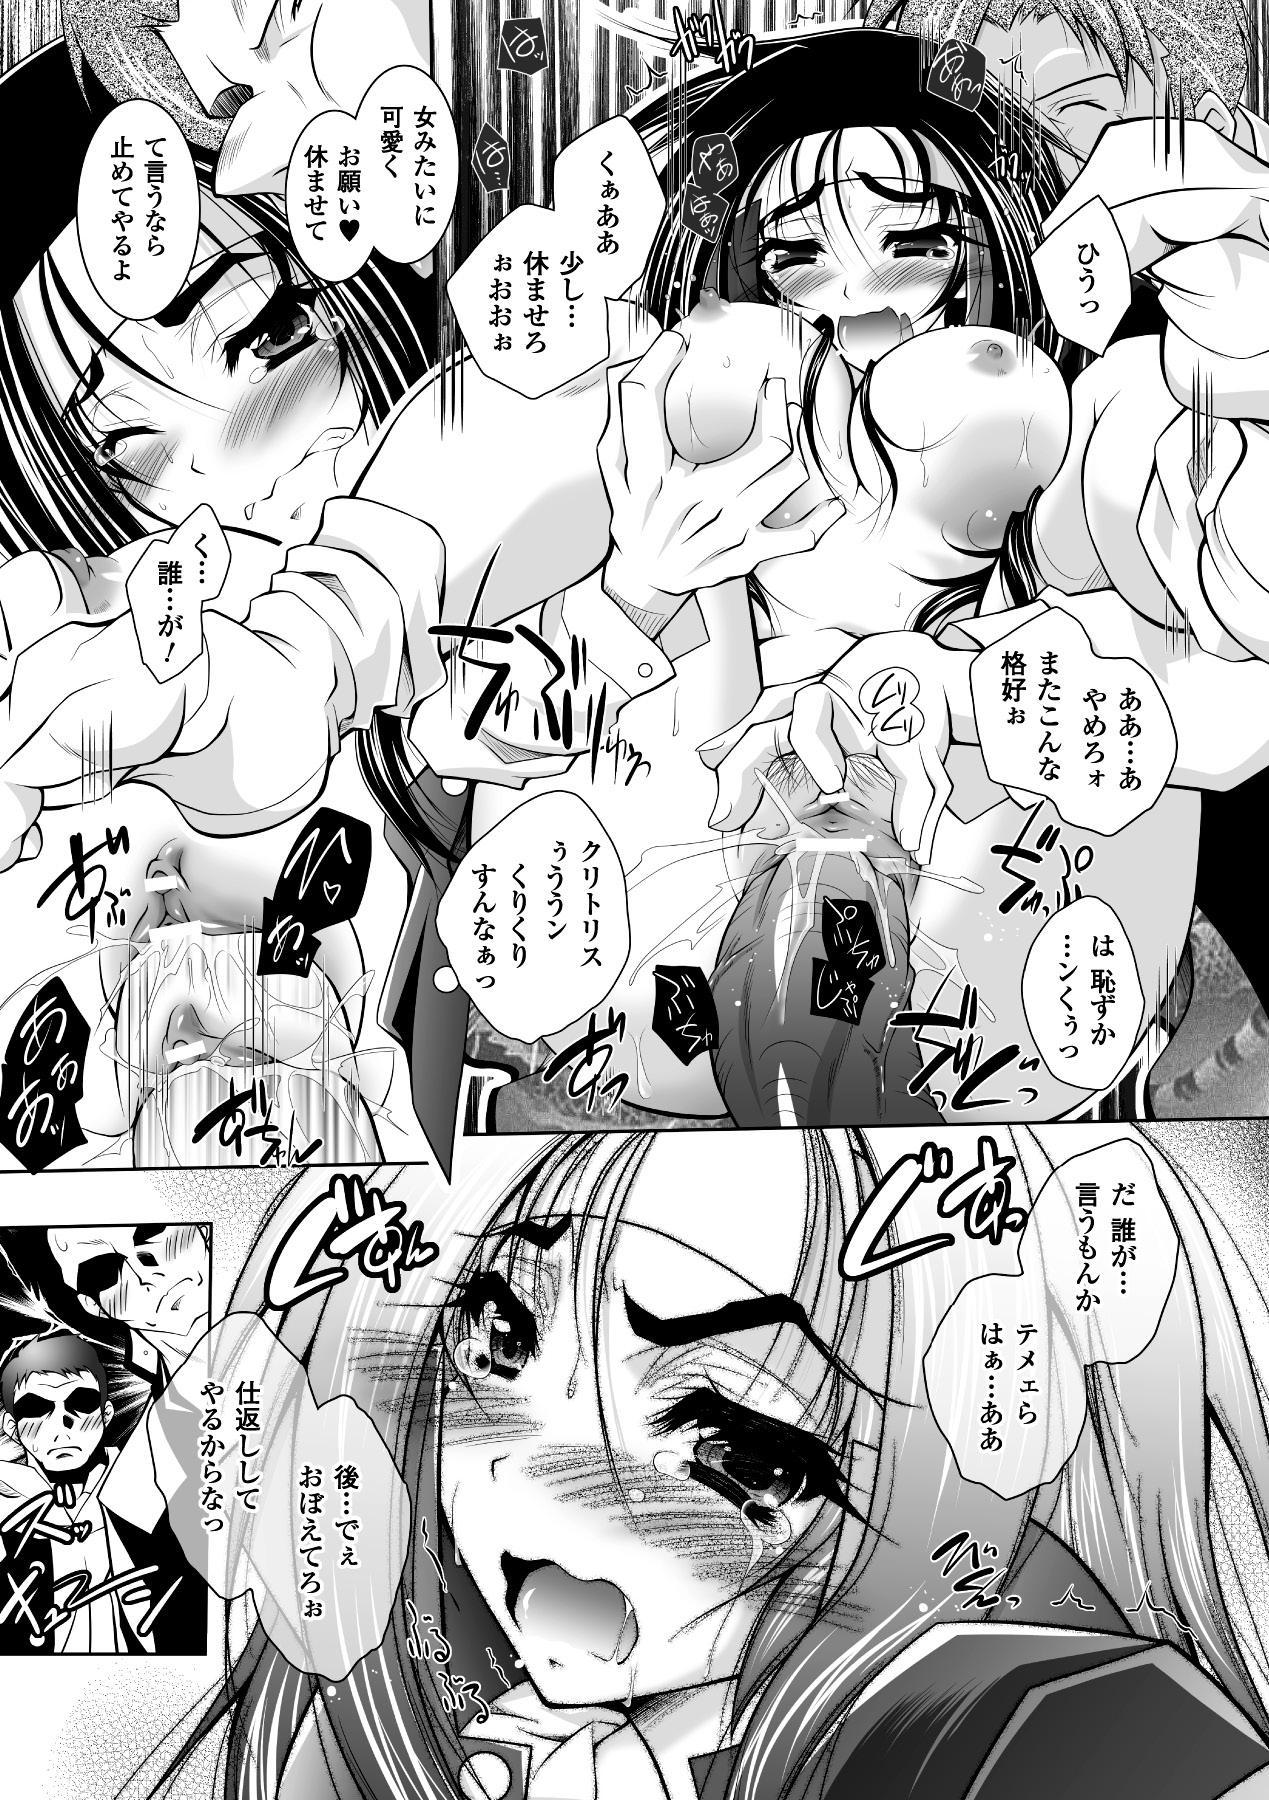 [Parfait] Mesu Inu no Tooboe ~Injyoku Elegy~ - The Howling Of A Bitch [Digital] 104